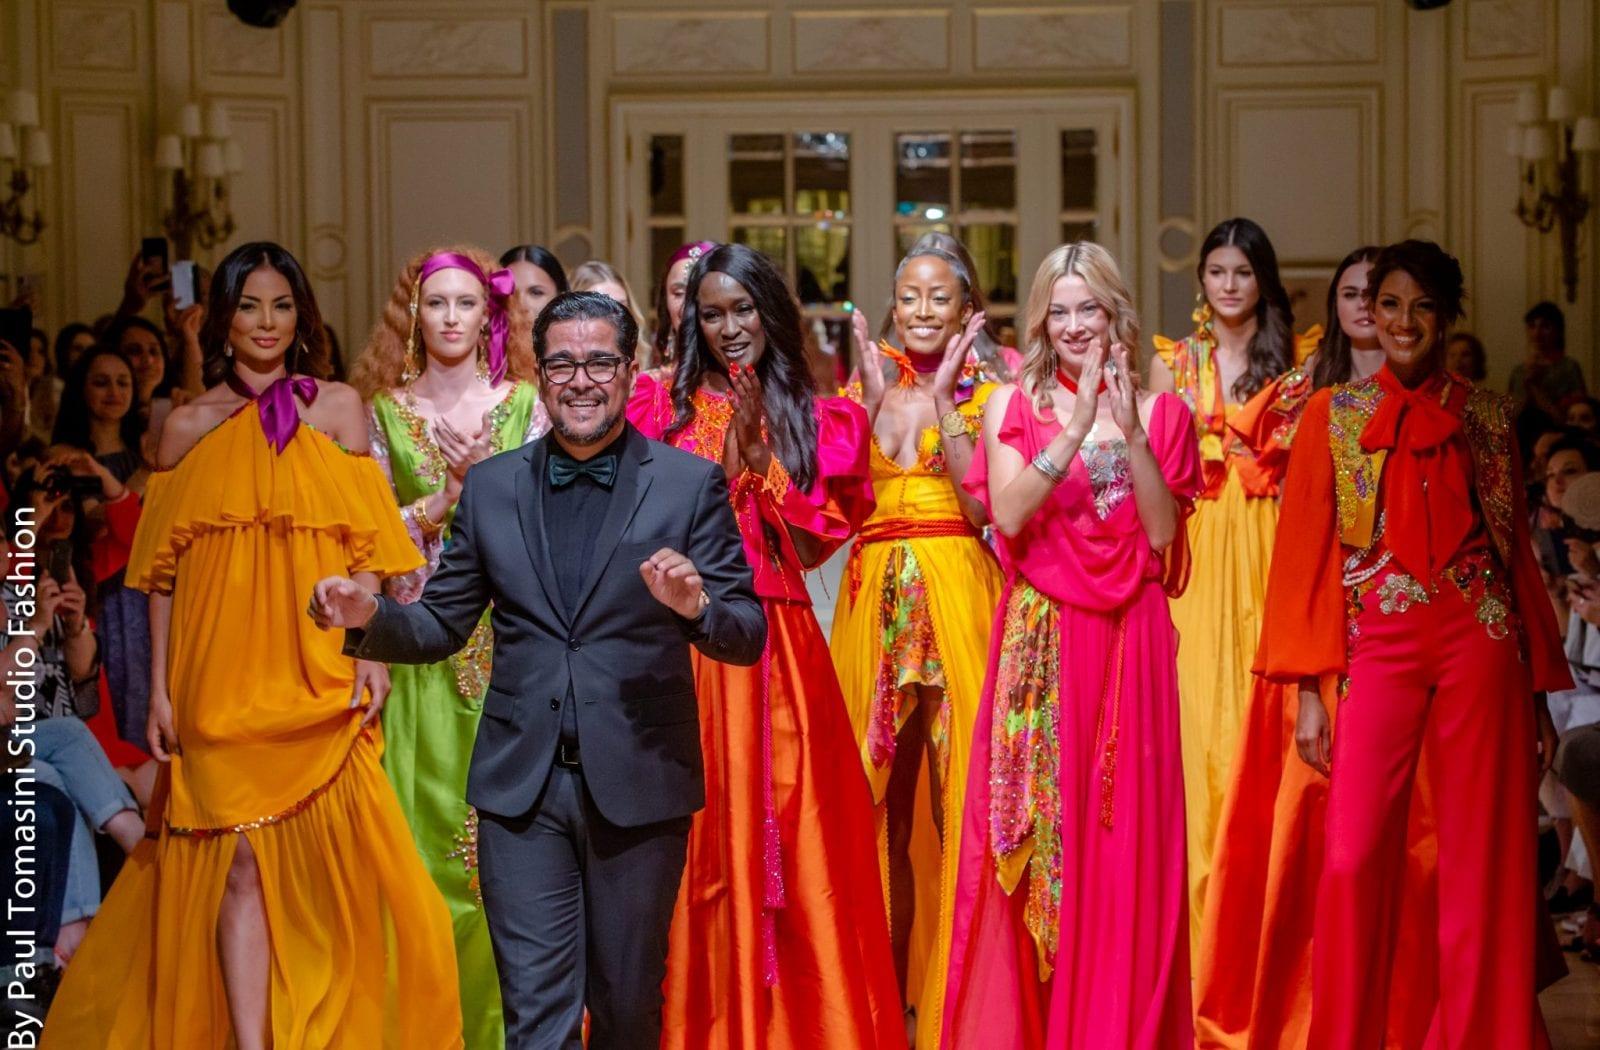 Fouad GUERFI et ses modèles à l'Oriental Fashion Show au Ritz